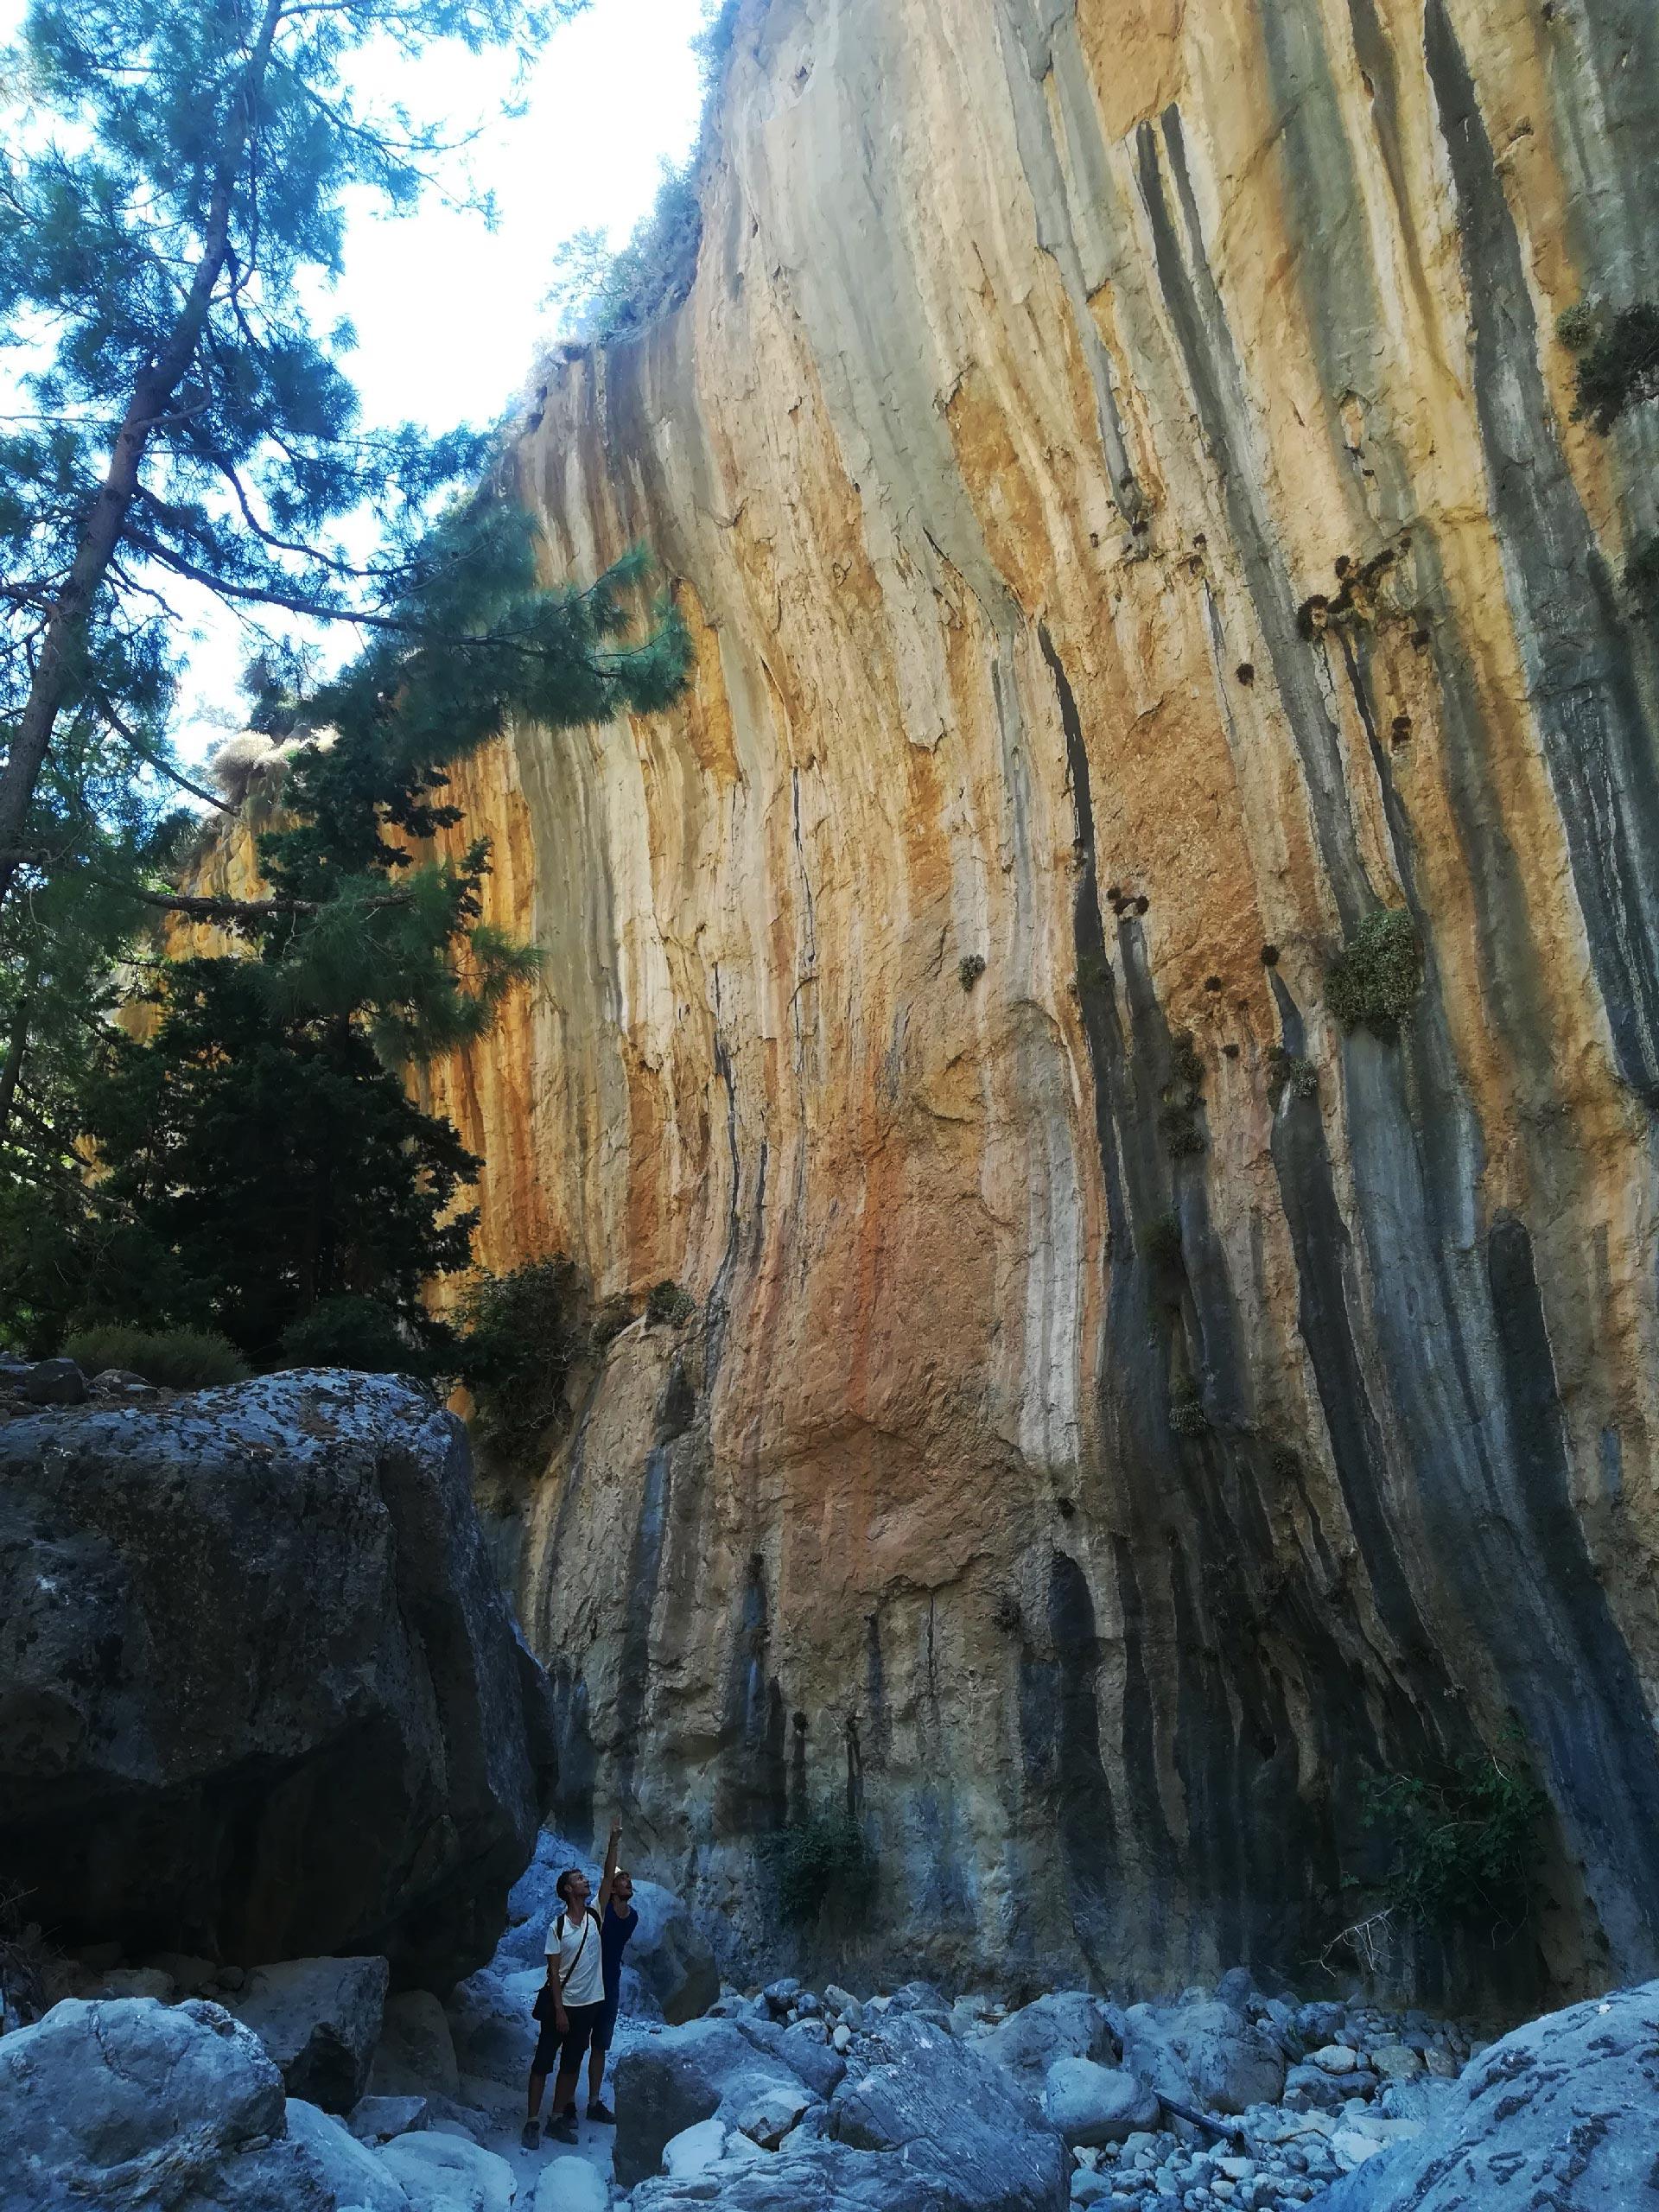 una parete rocciosa delle Gole di Samaria, Creta, Grecia